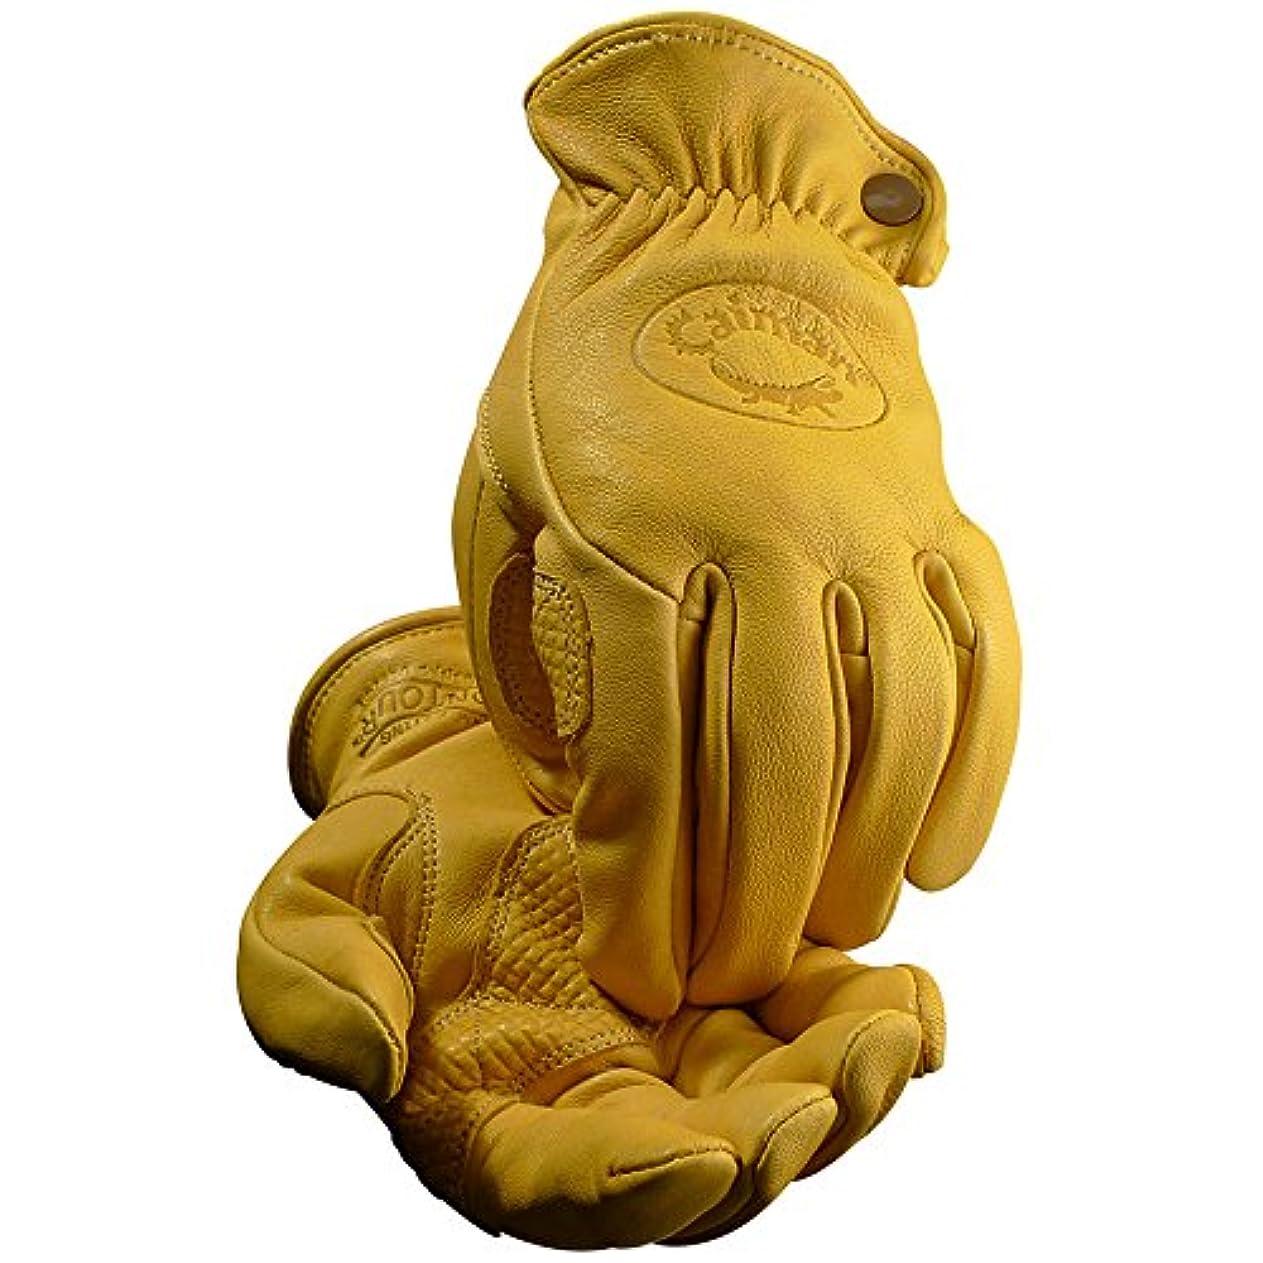 似ている人間送ったCaiman カイマン レザーグローブ(革手袋) ドライバー/ワーク/バイク Gold Sheep Grain(羊革)(XL)